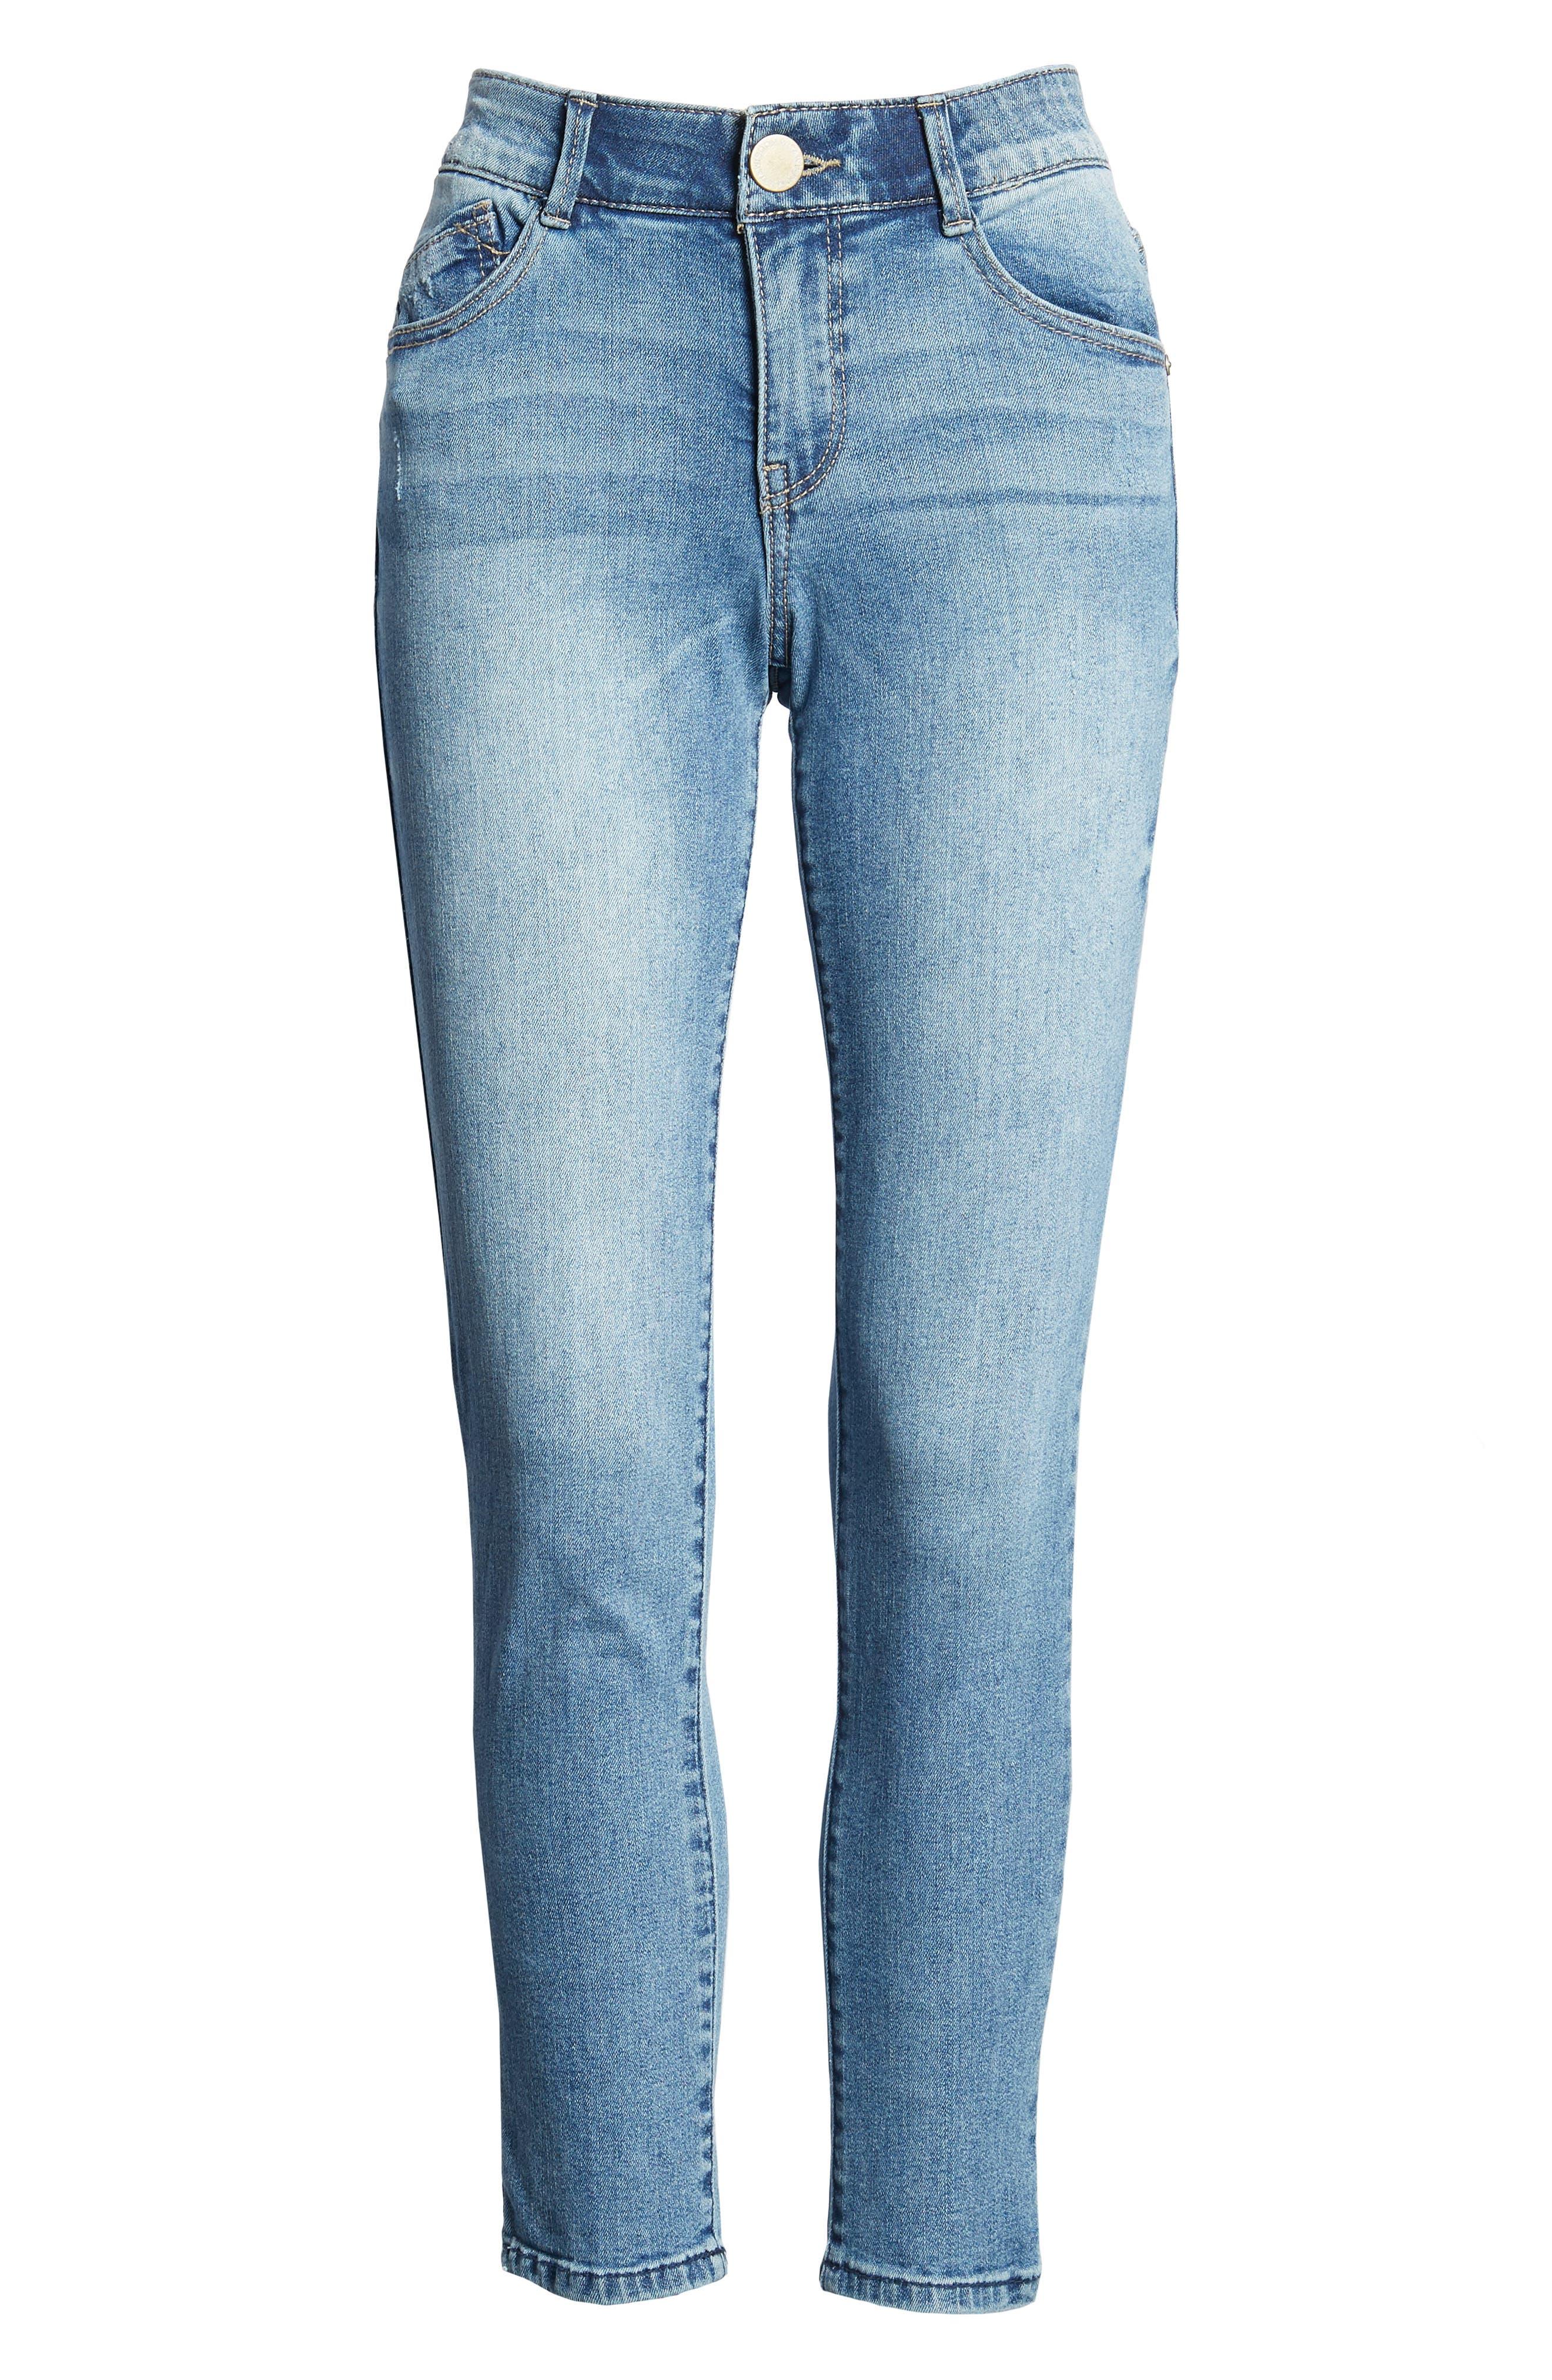 Ab-solution Ankle Skimmer Skinny Jeans Regular & Petite,                             Alternate thumbnail 6, color,                             Light Blue